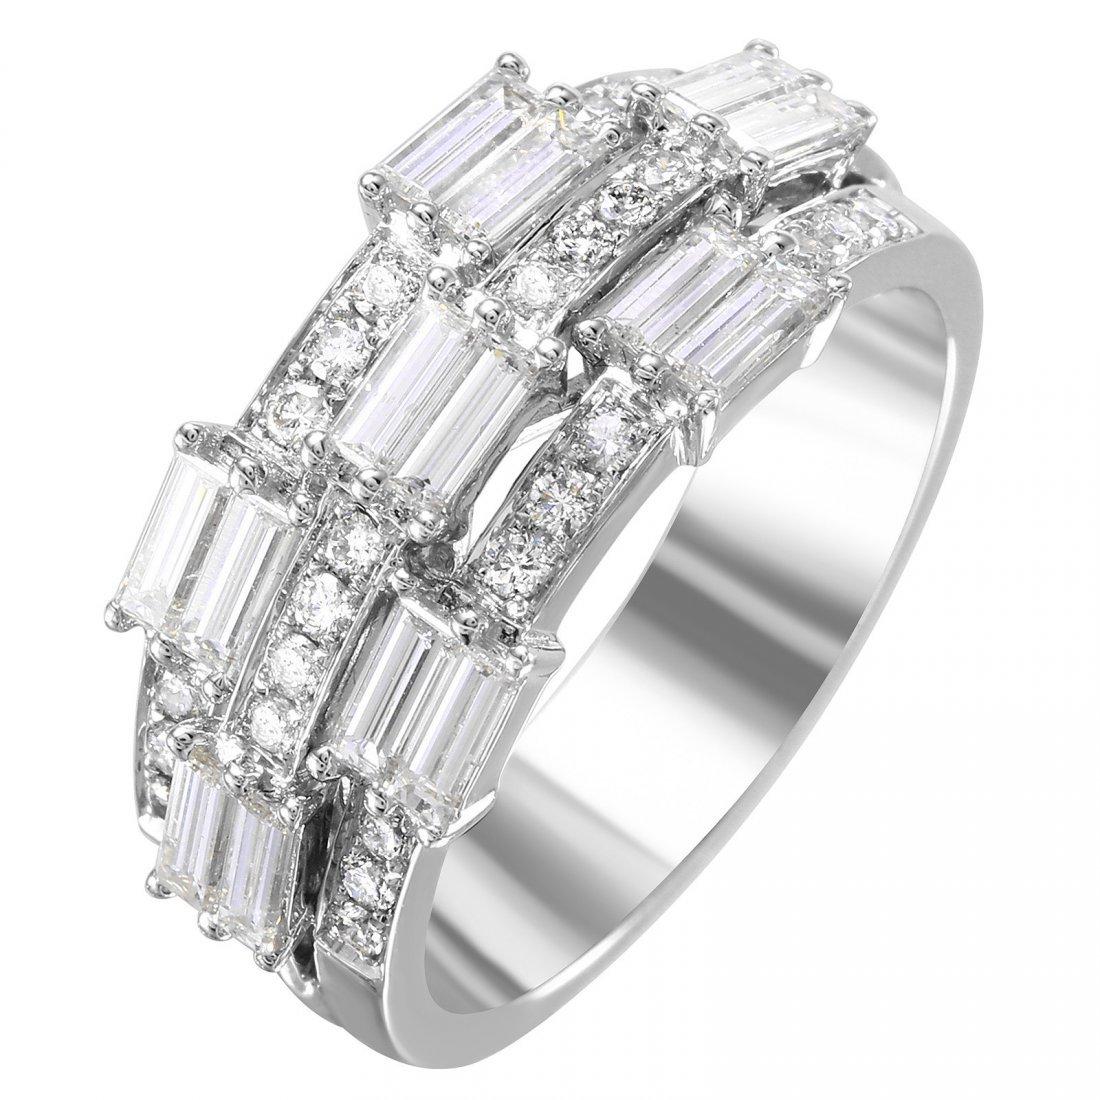 14KT White Gold Diamond Ring - #2021